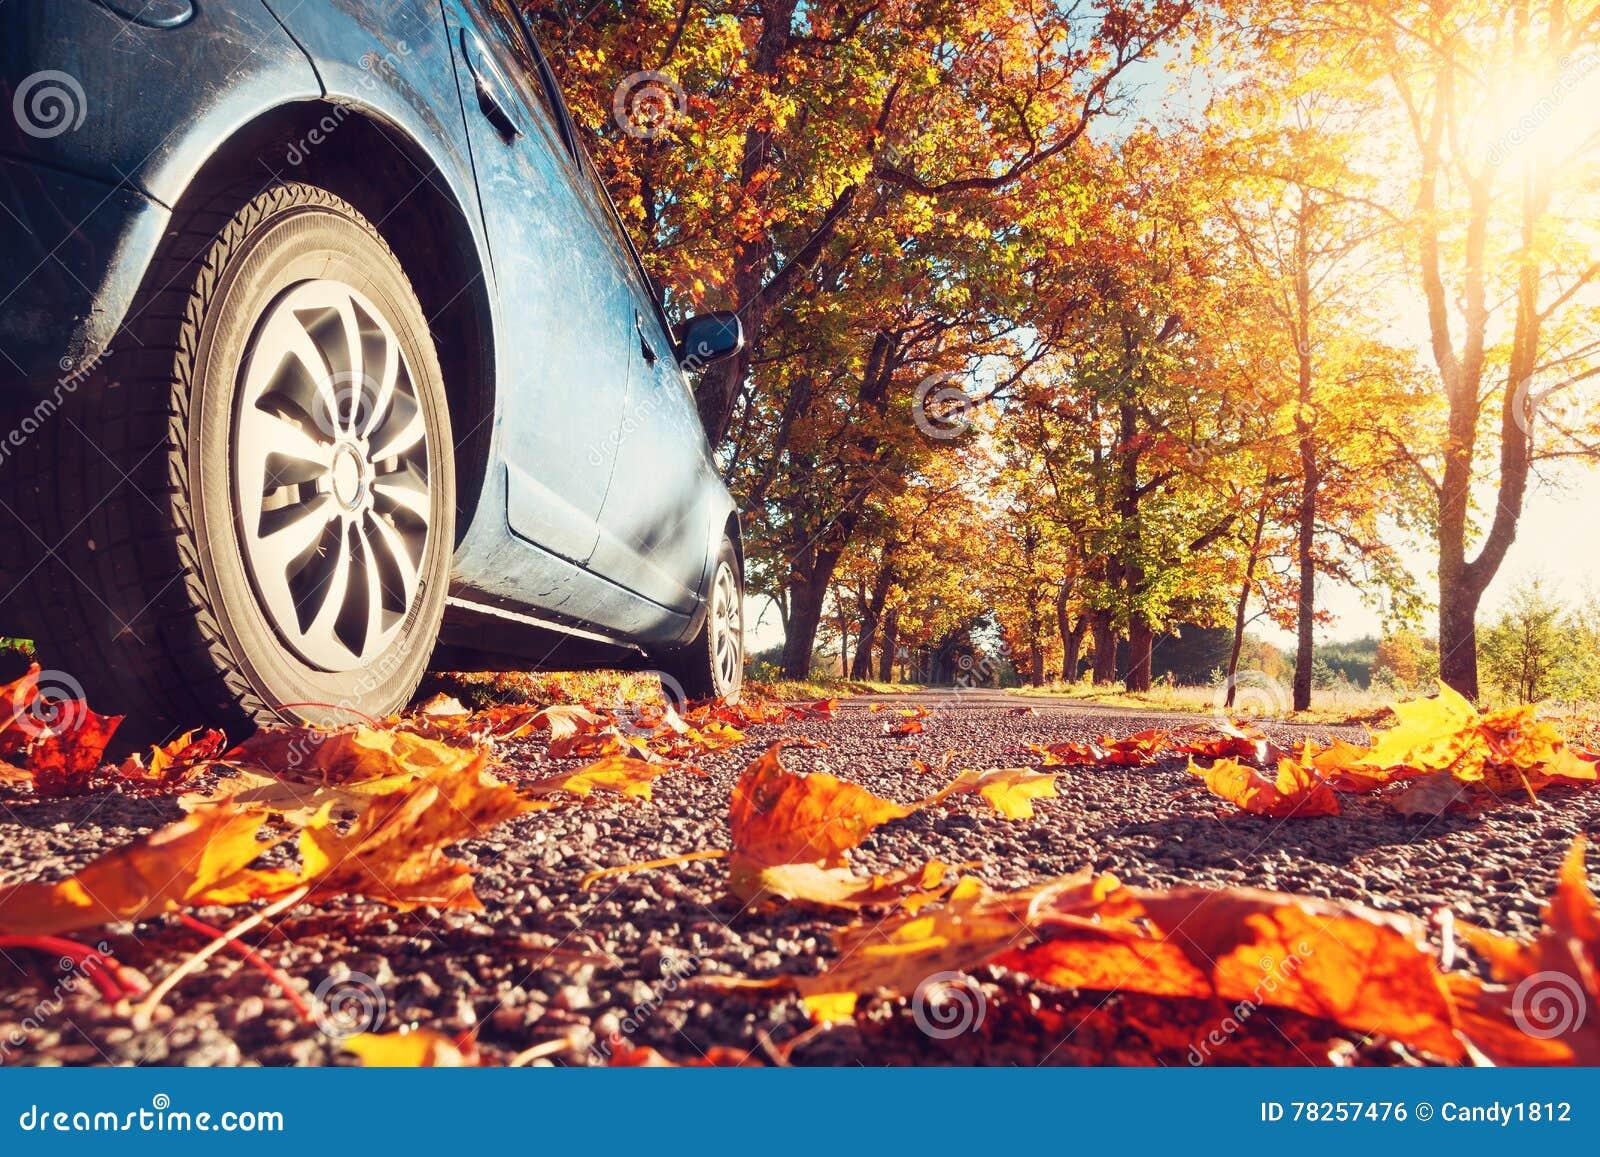 Αυτοκίνητο στο δρόμο ασφάλτου το φθινόπωρο